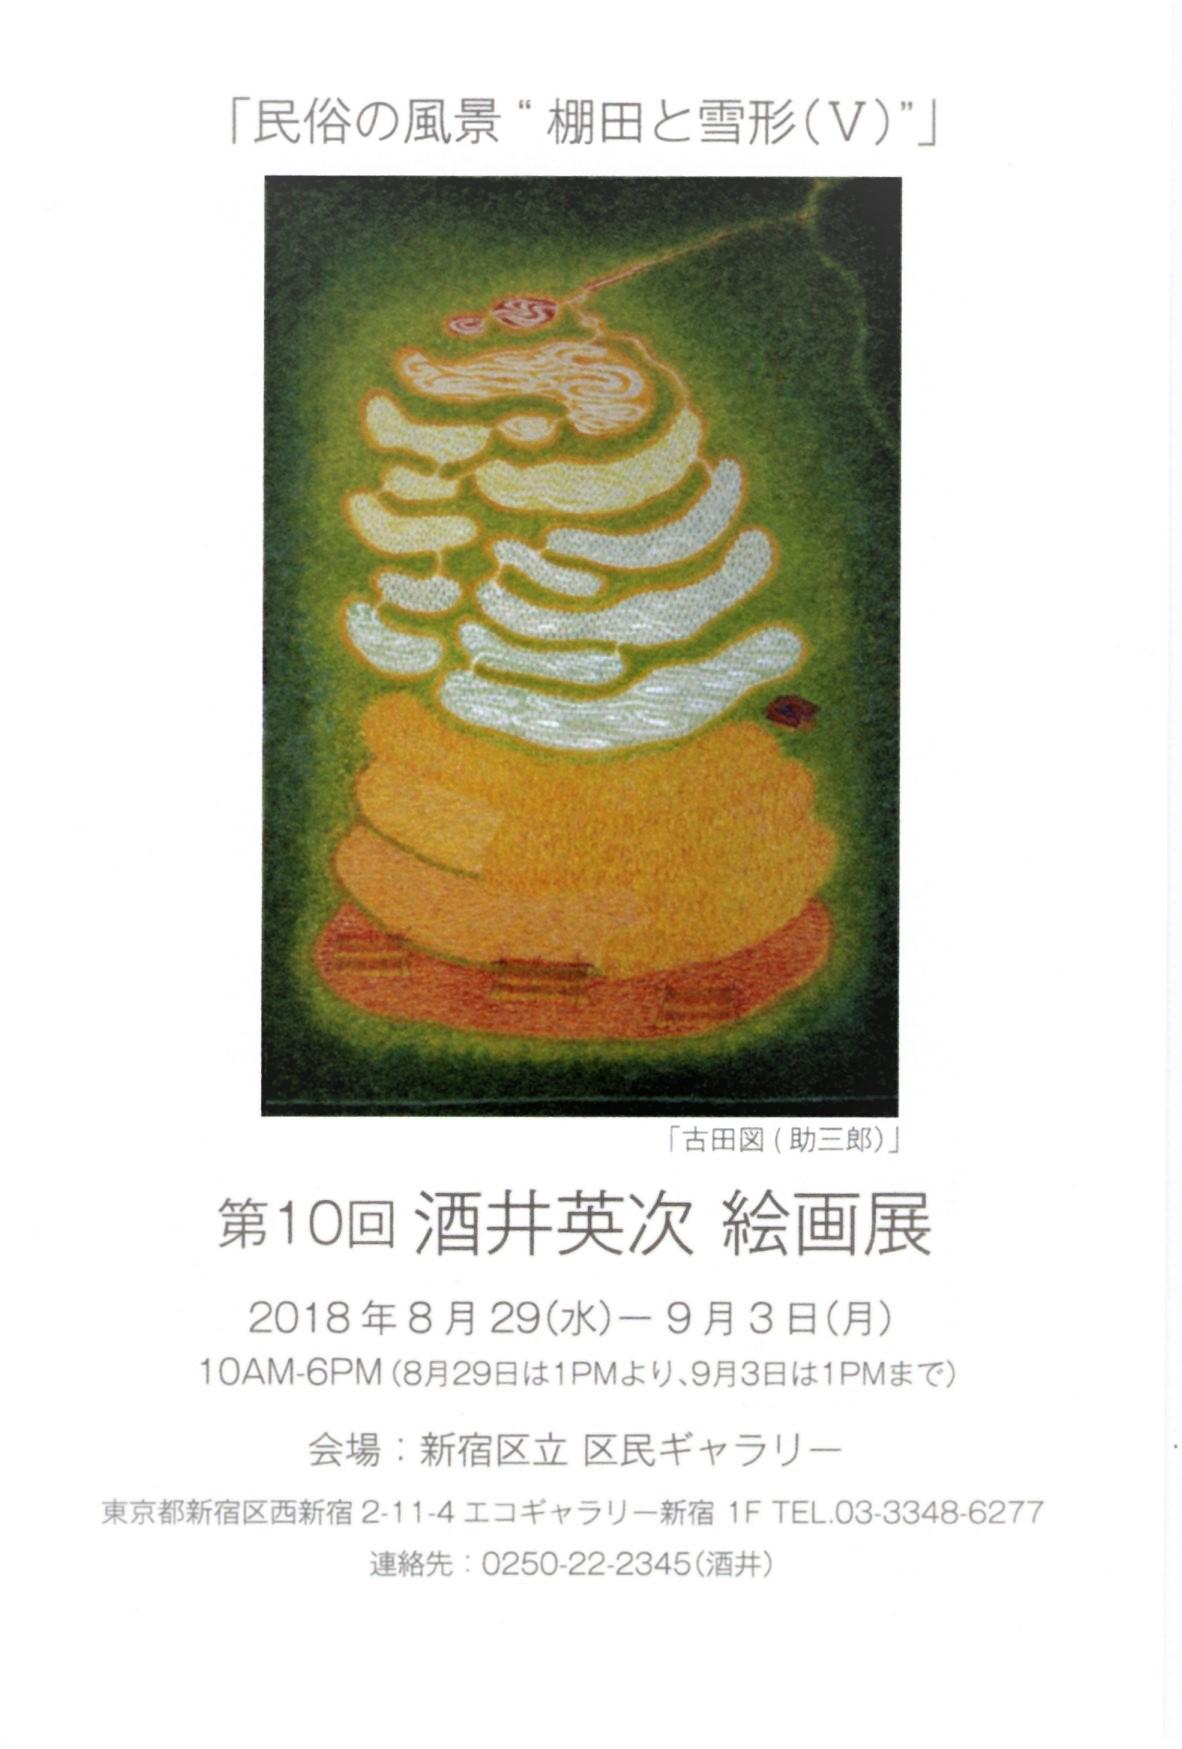 第10回・酒井英次 絵画展が開かれます。